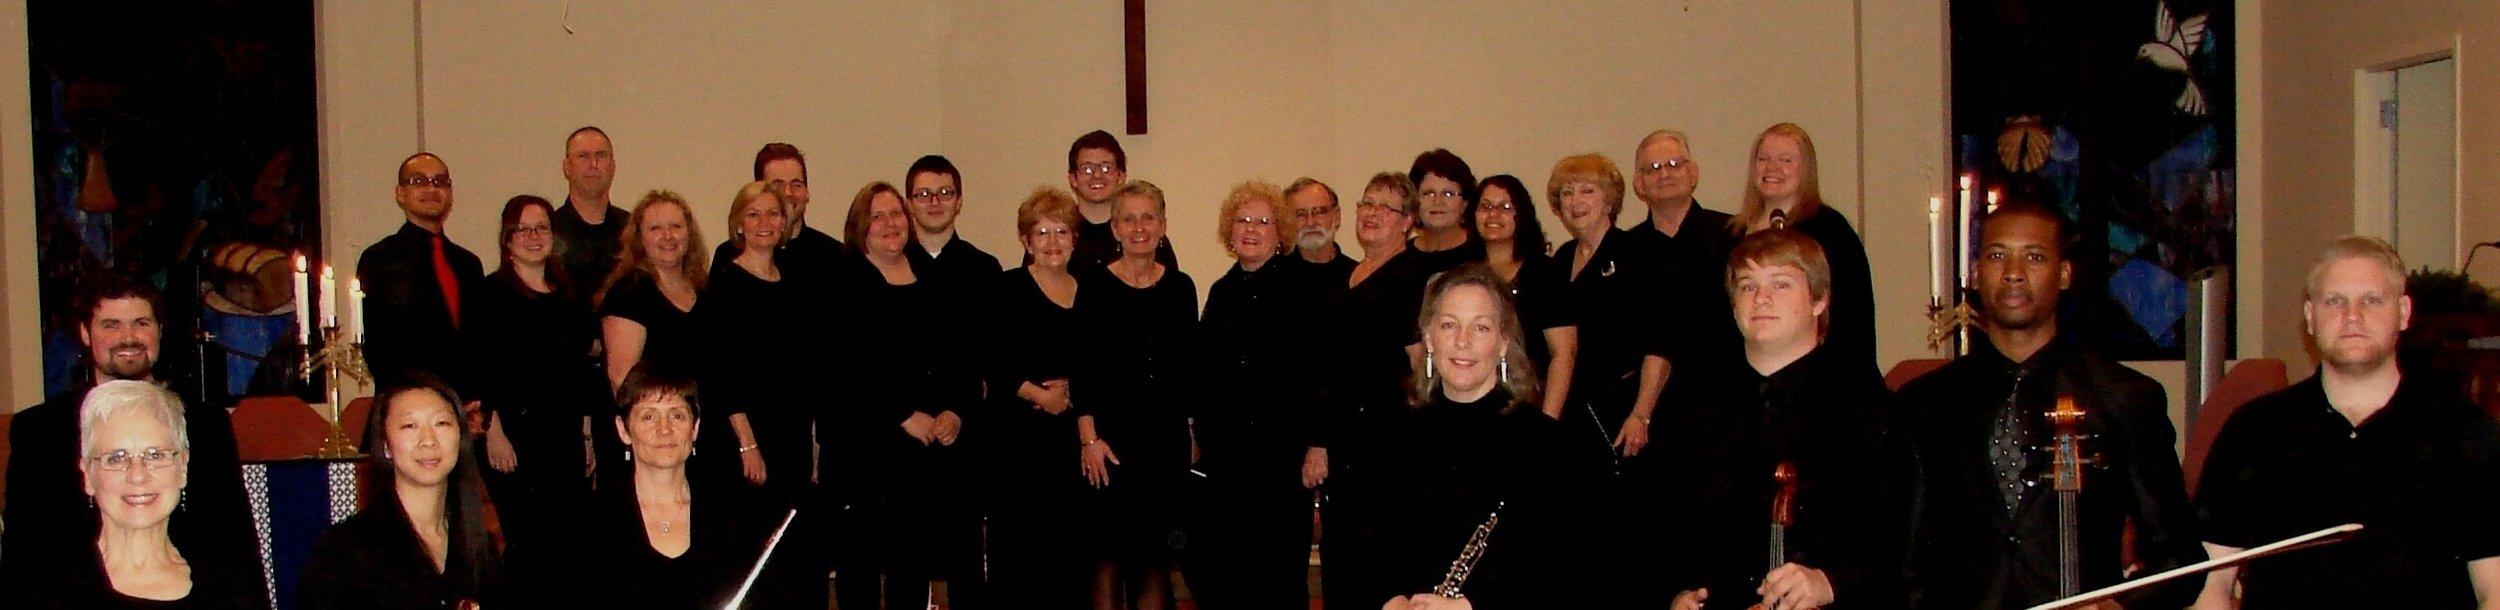 Trinity Presbyterian Choir in Bixby Christmas Program 2013